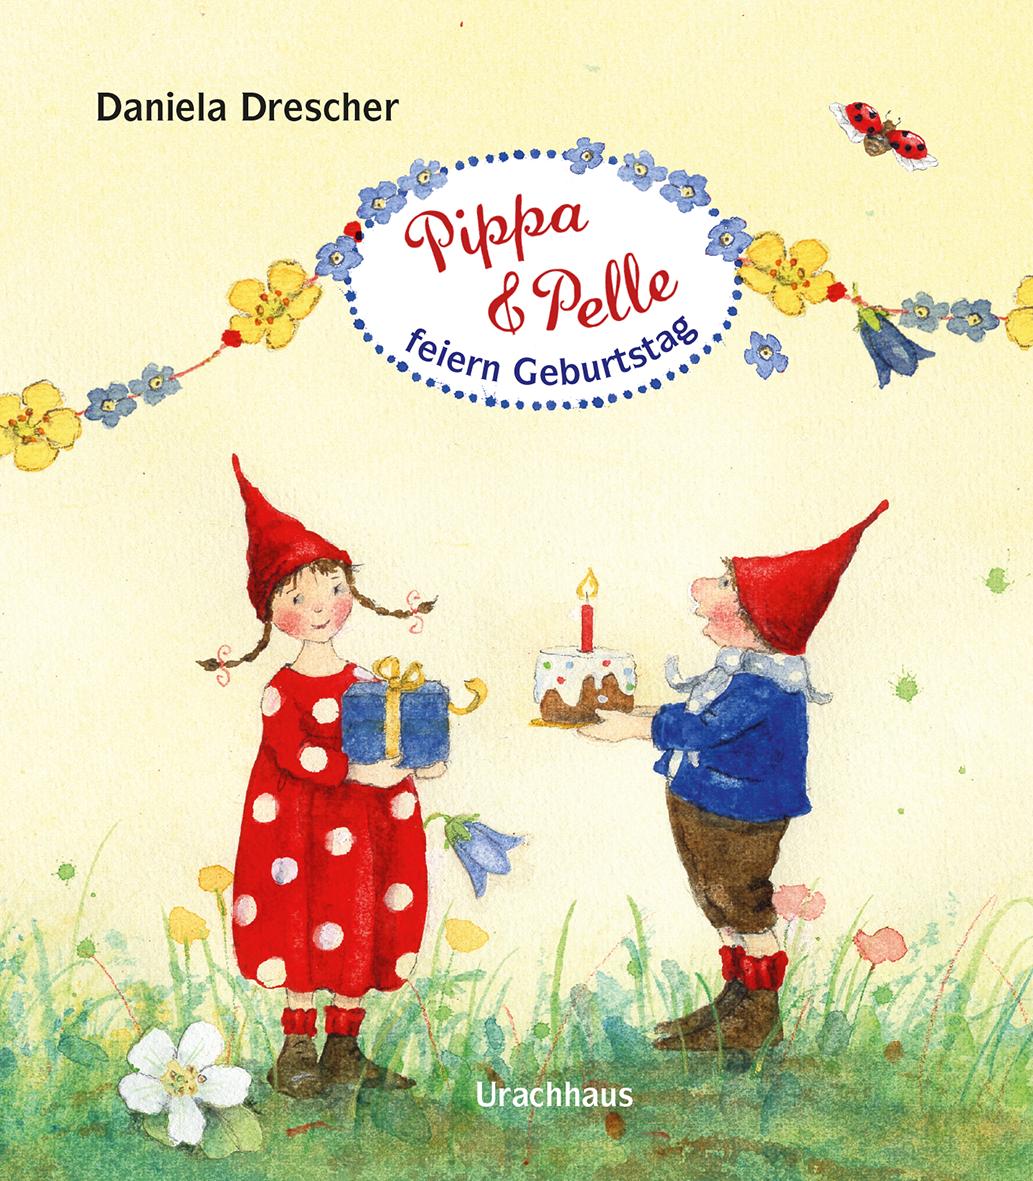 Pippa Und Pelle Feiern Geburtstag Verlag Urachhaus